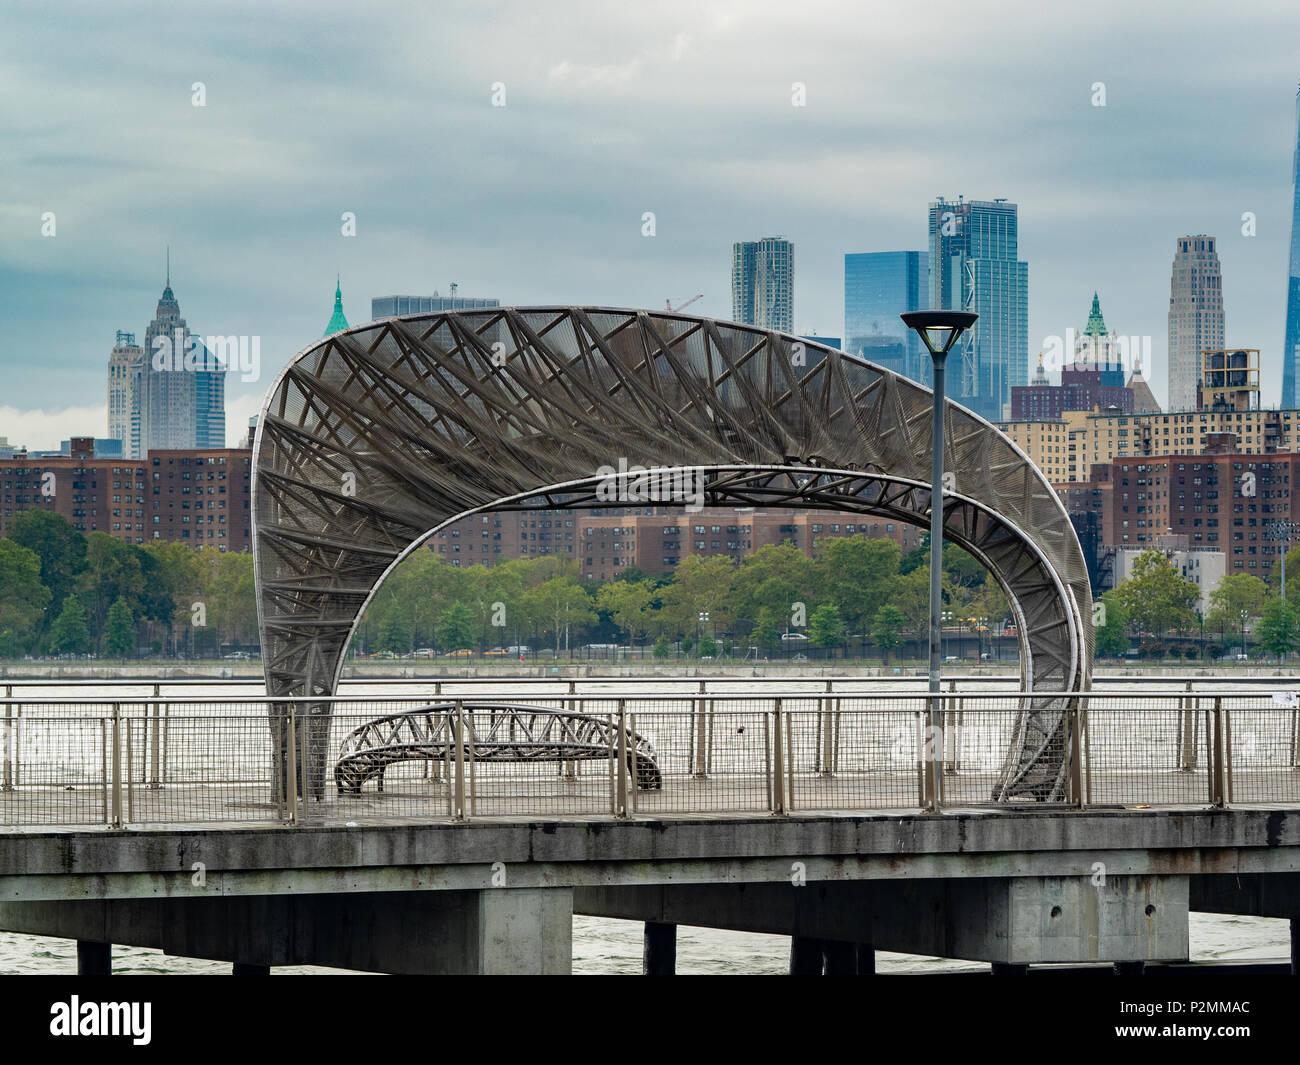 Nebbioso giorno al molo nord 5th Street Pier e Park, Williamsburg, Brooklyn, New York. Immagini Stock